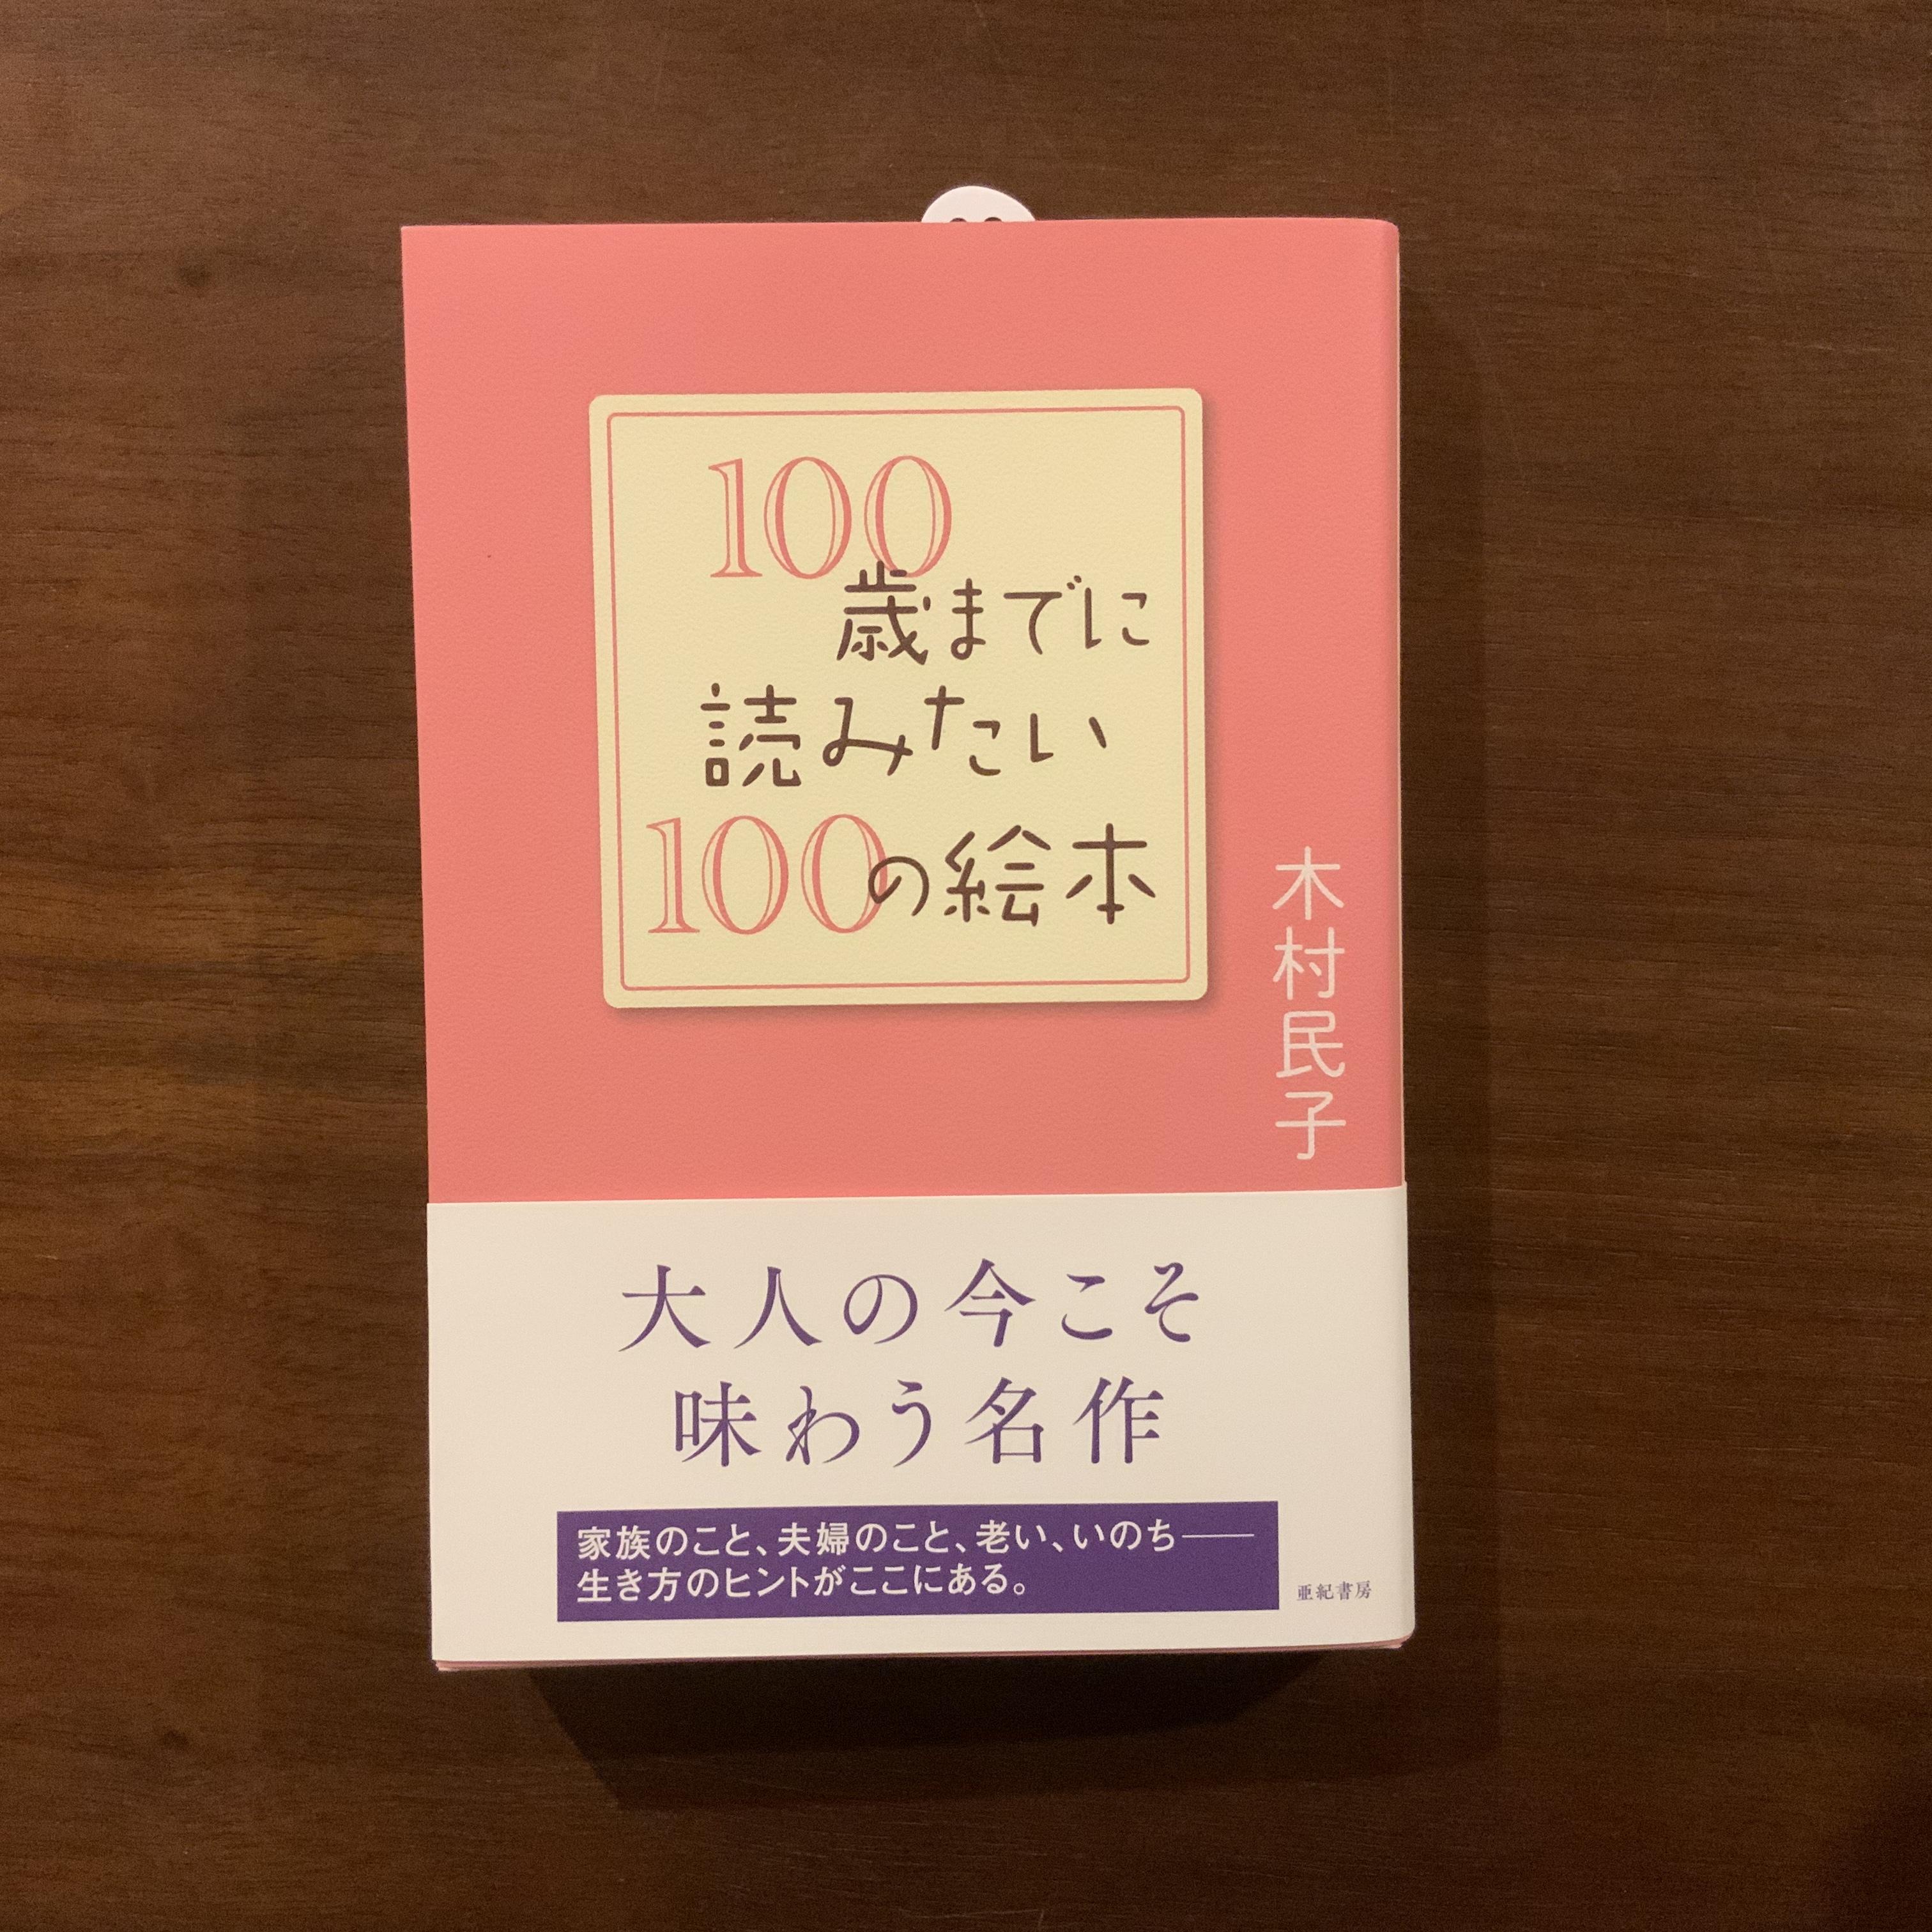 100歳までに読みたい100の絵本